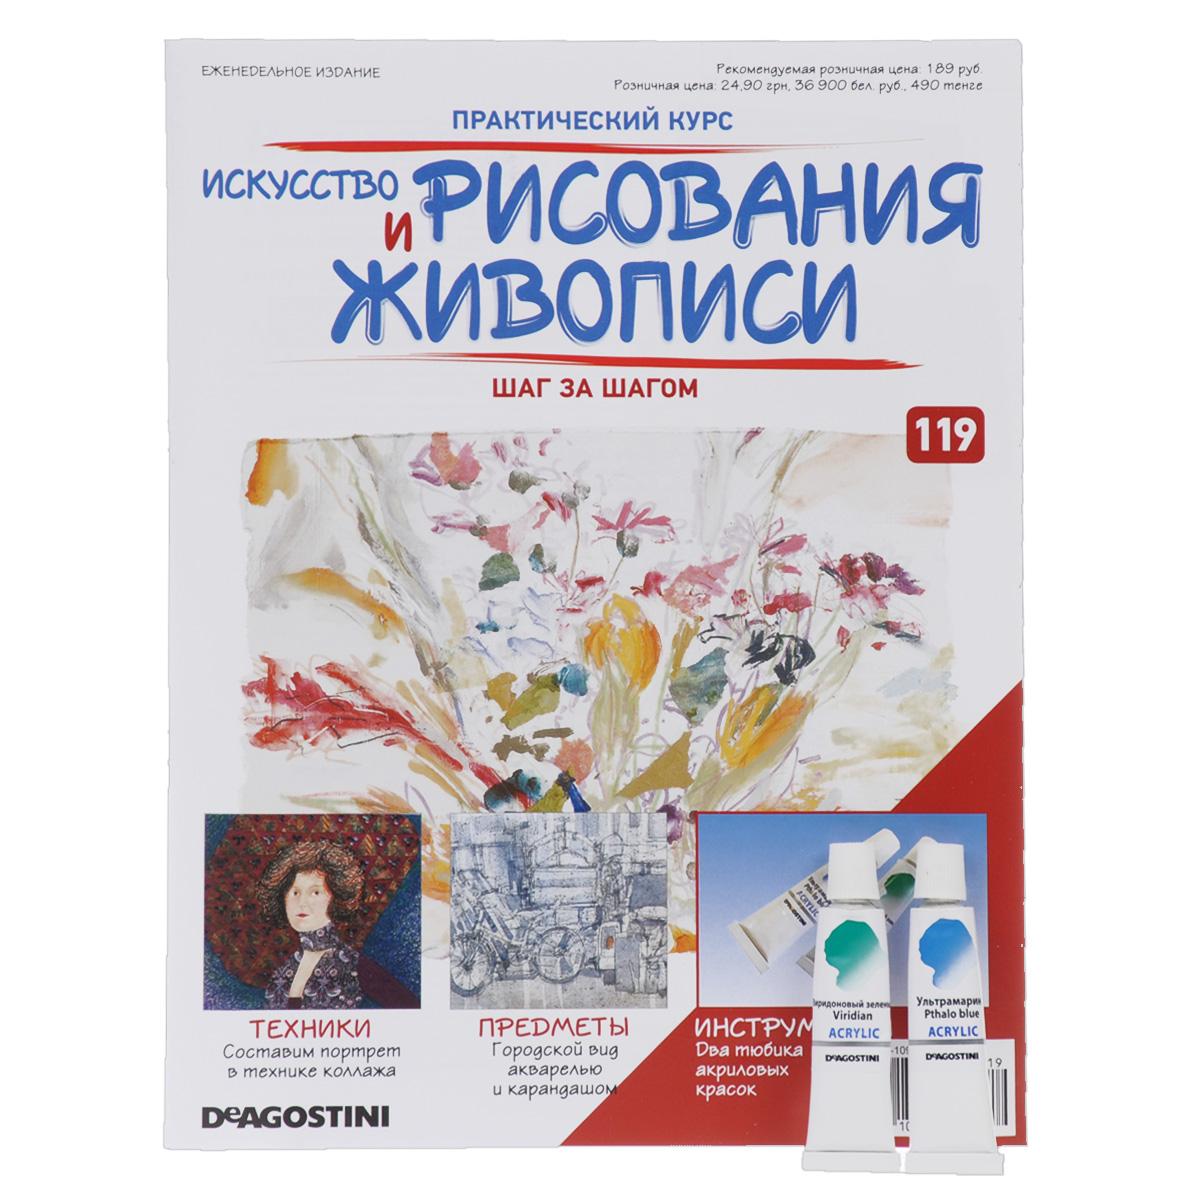 Журнал Искусство рисования и живописи №119 все мандалы мира шаблоны для рисования и расшифровка тайных символов